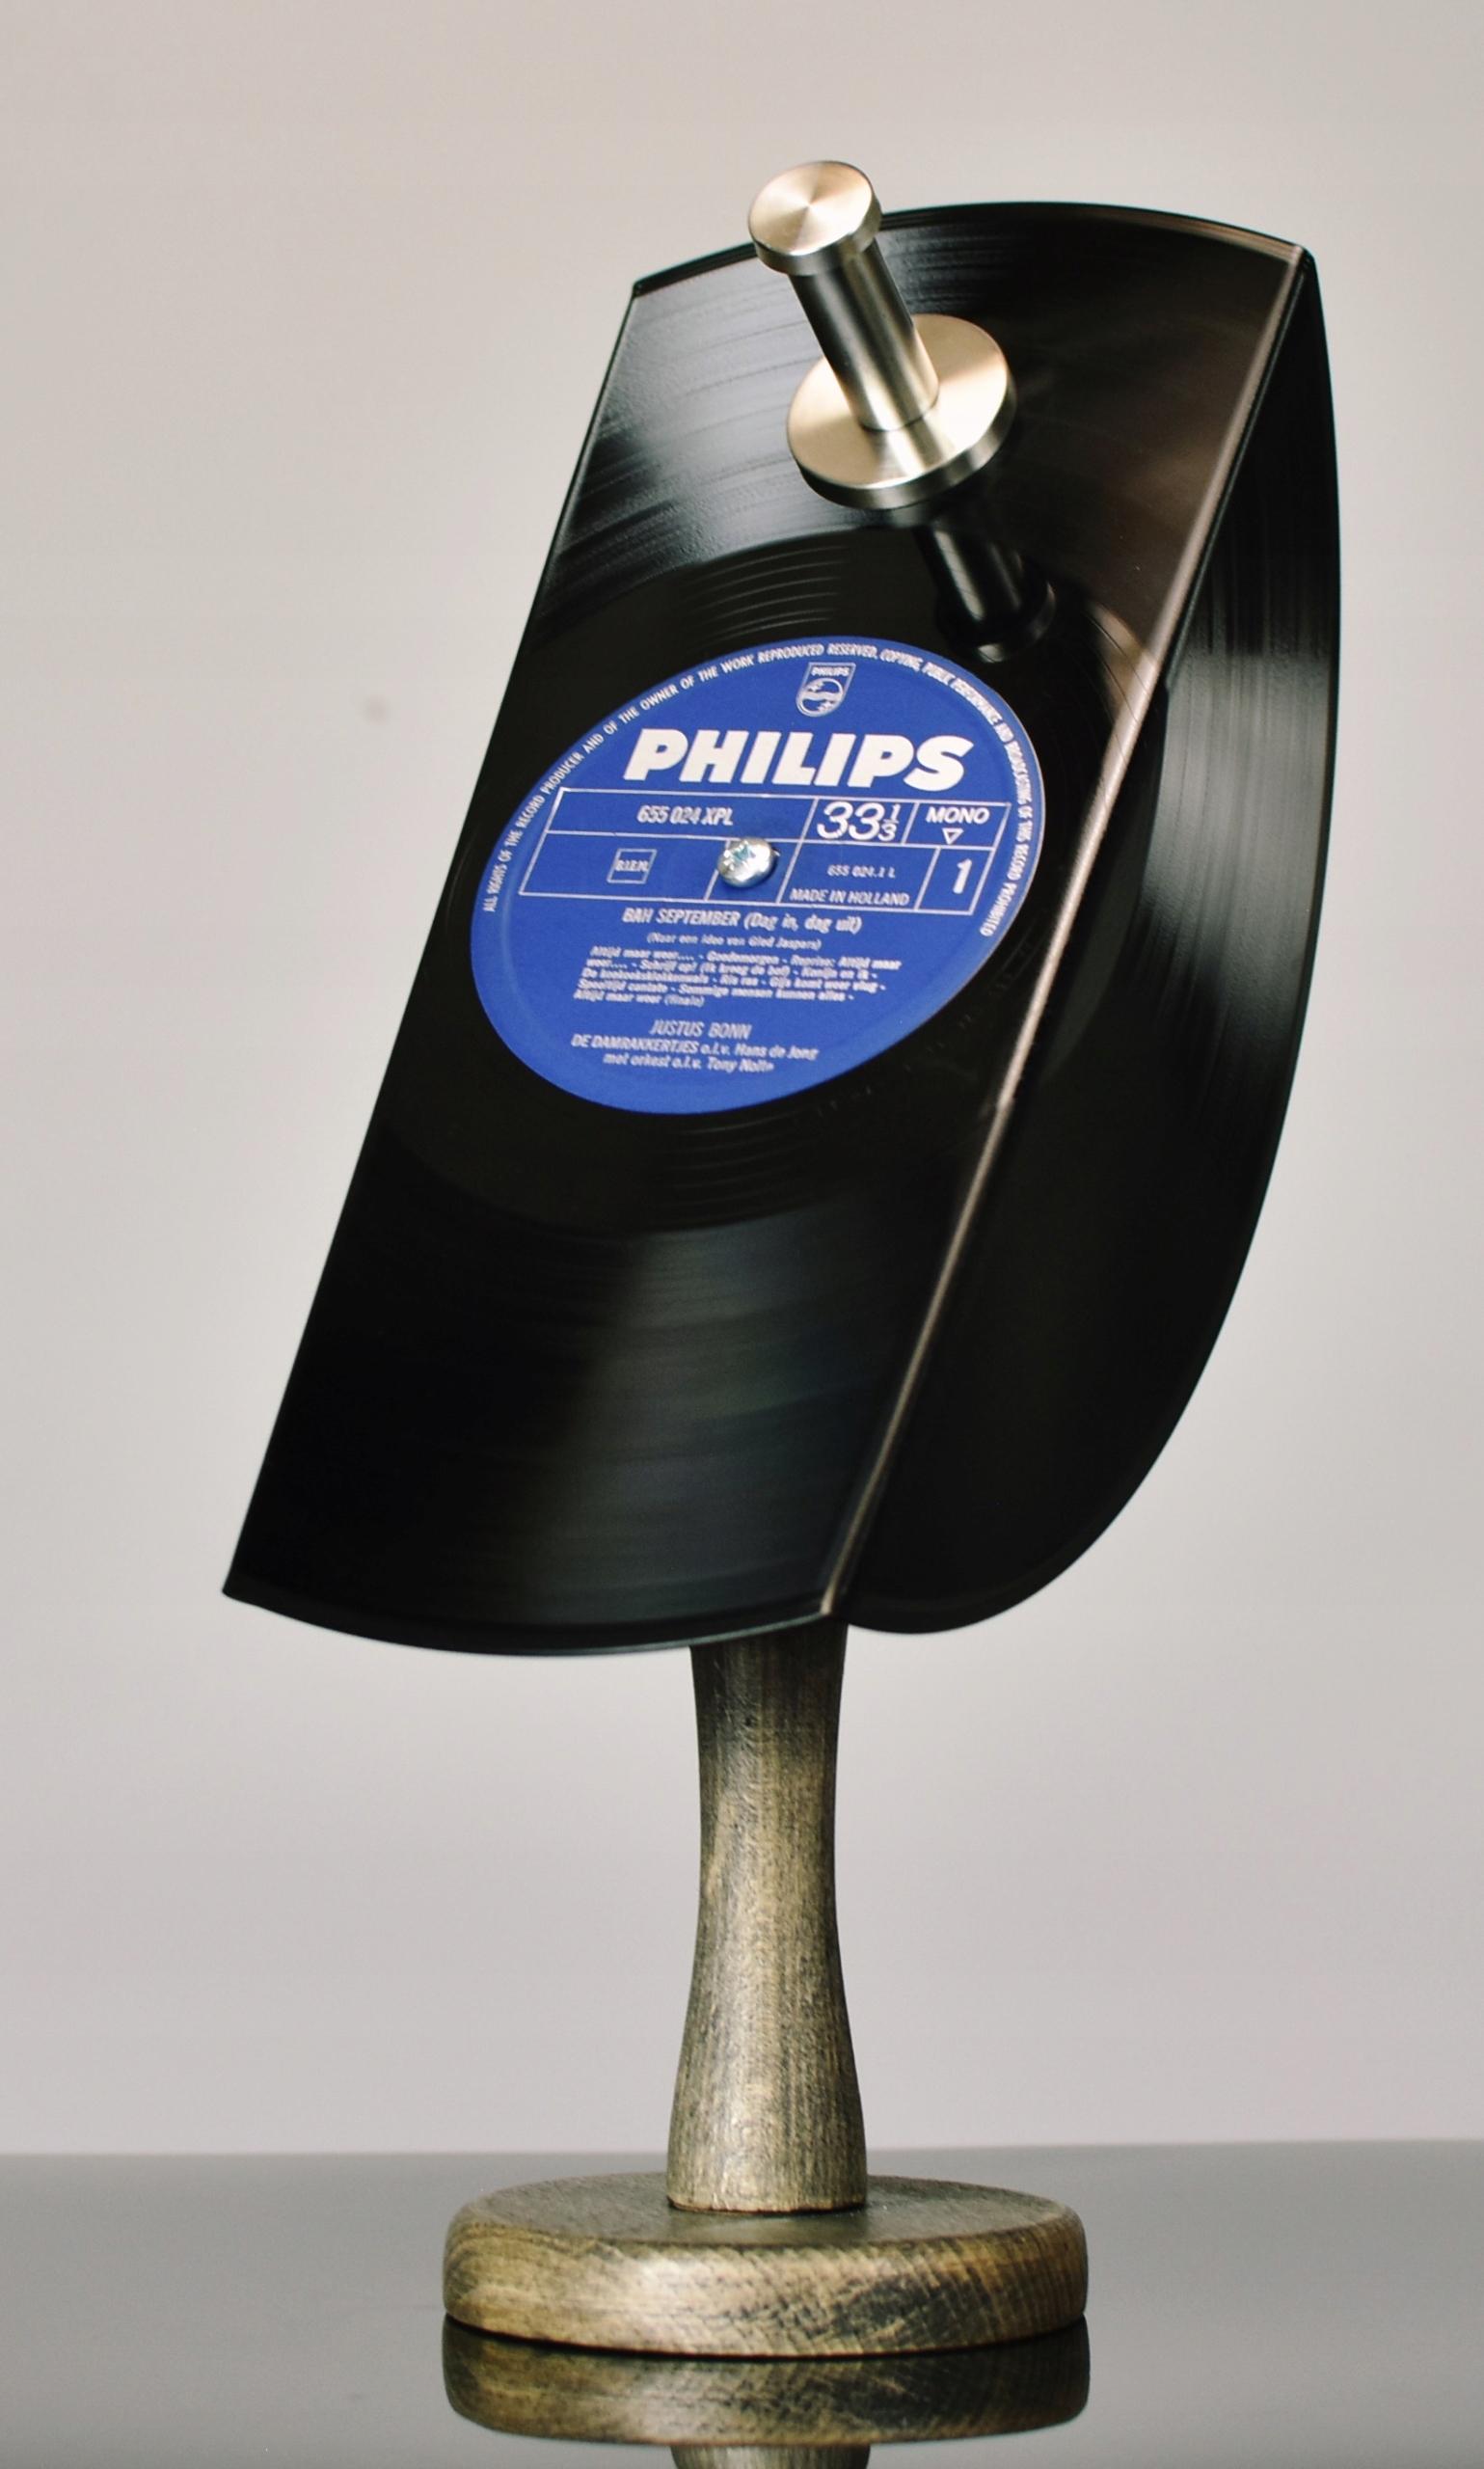 Držiak na vešiak na slúchadlá, retro vinylový držiak